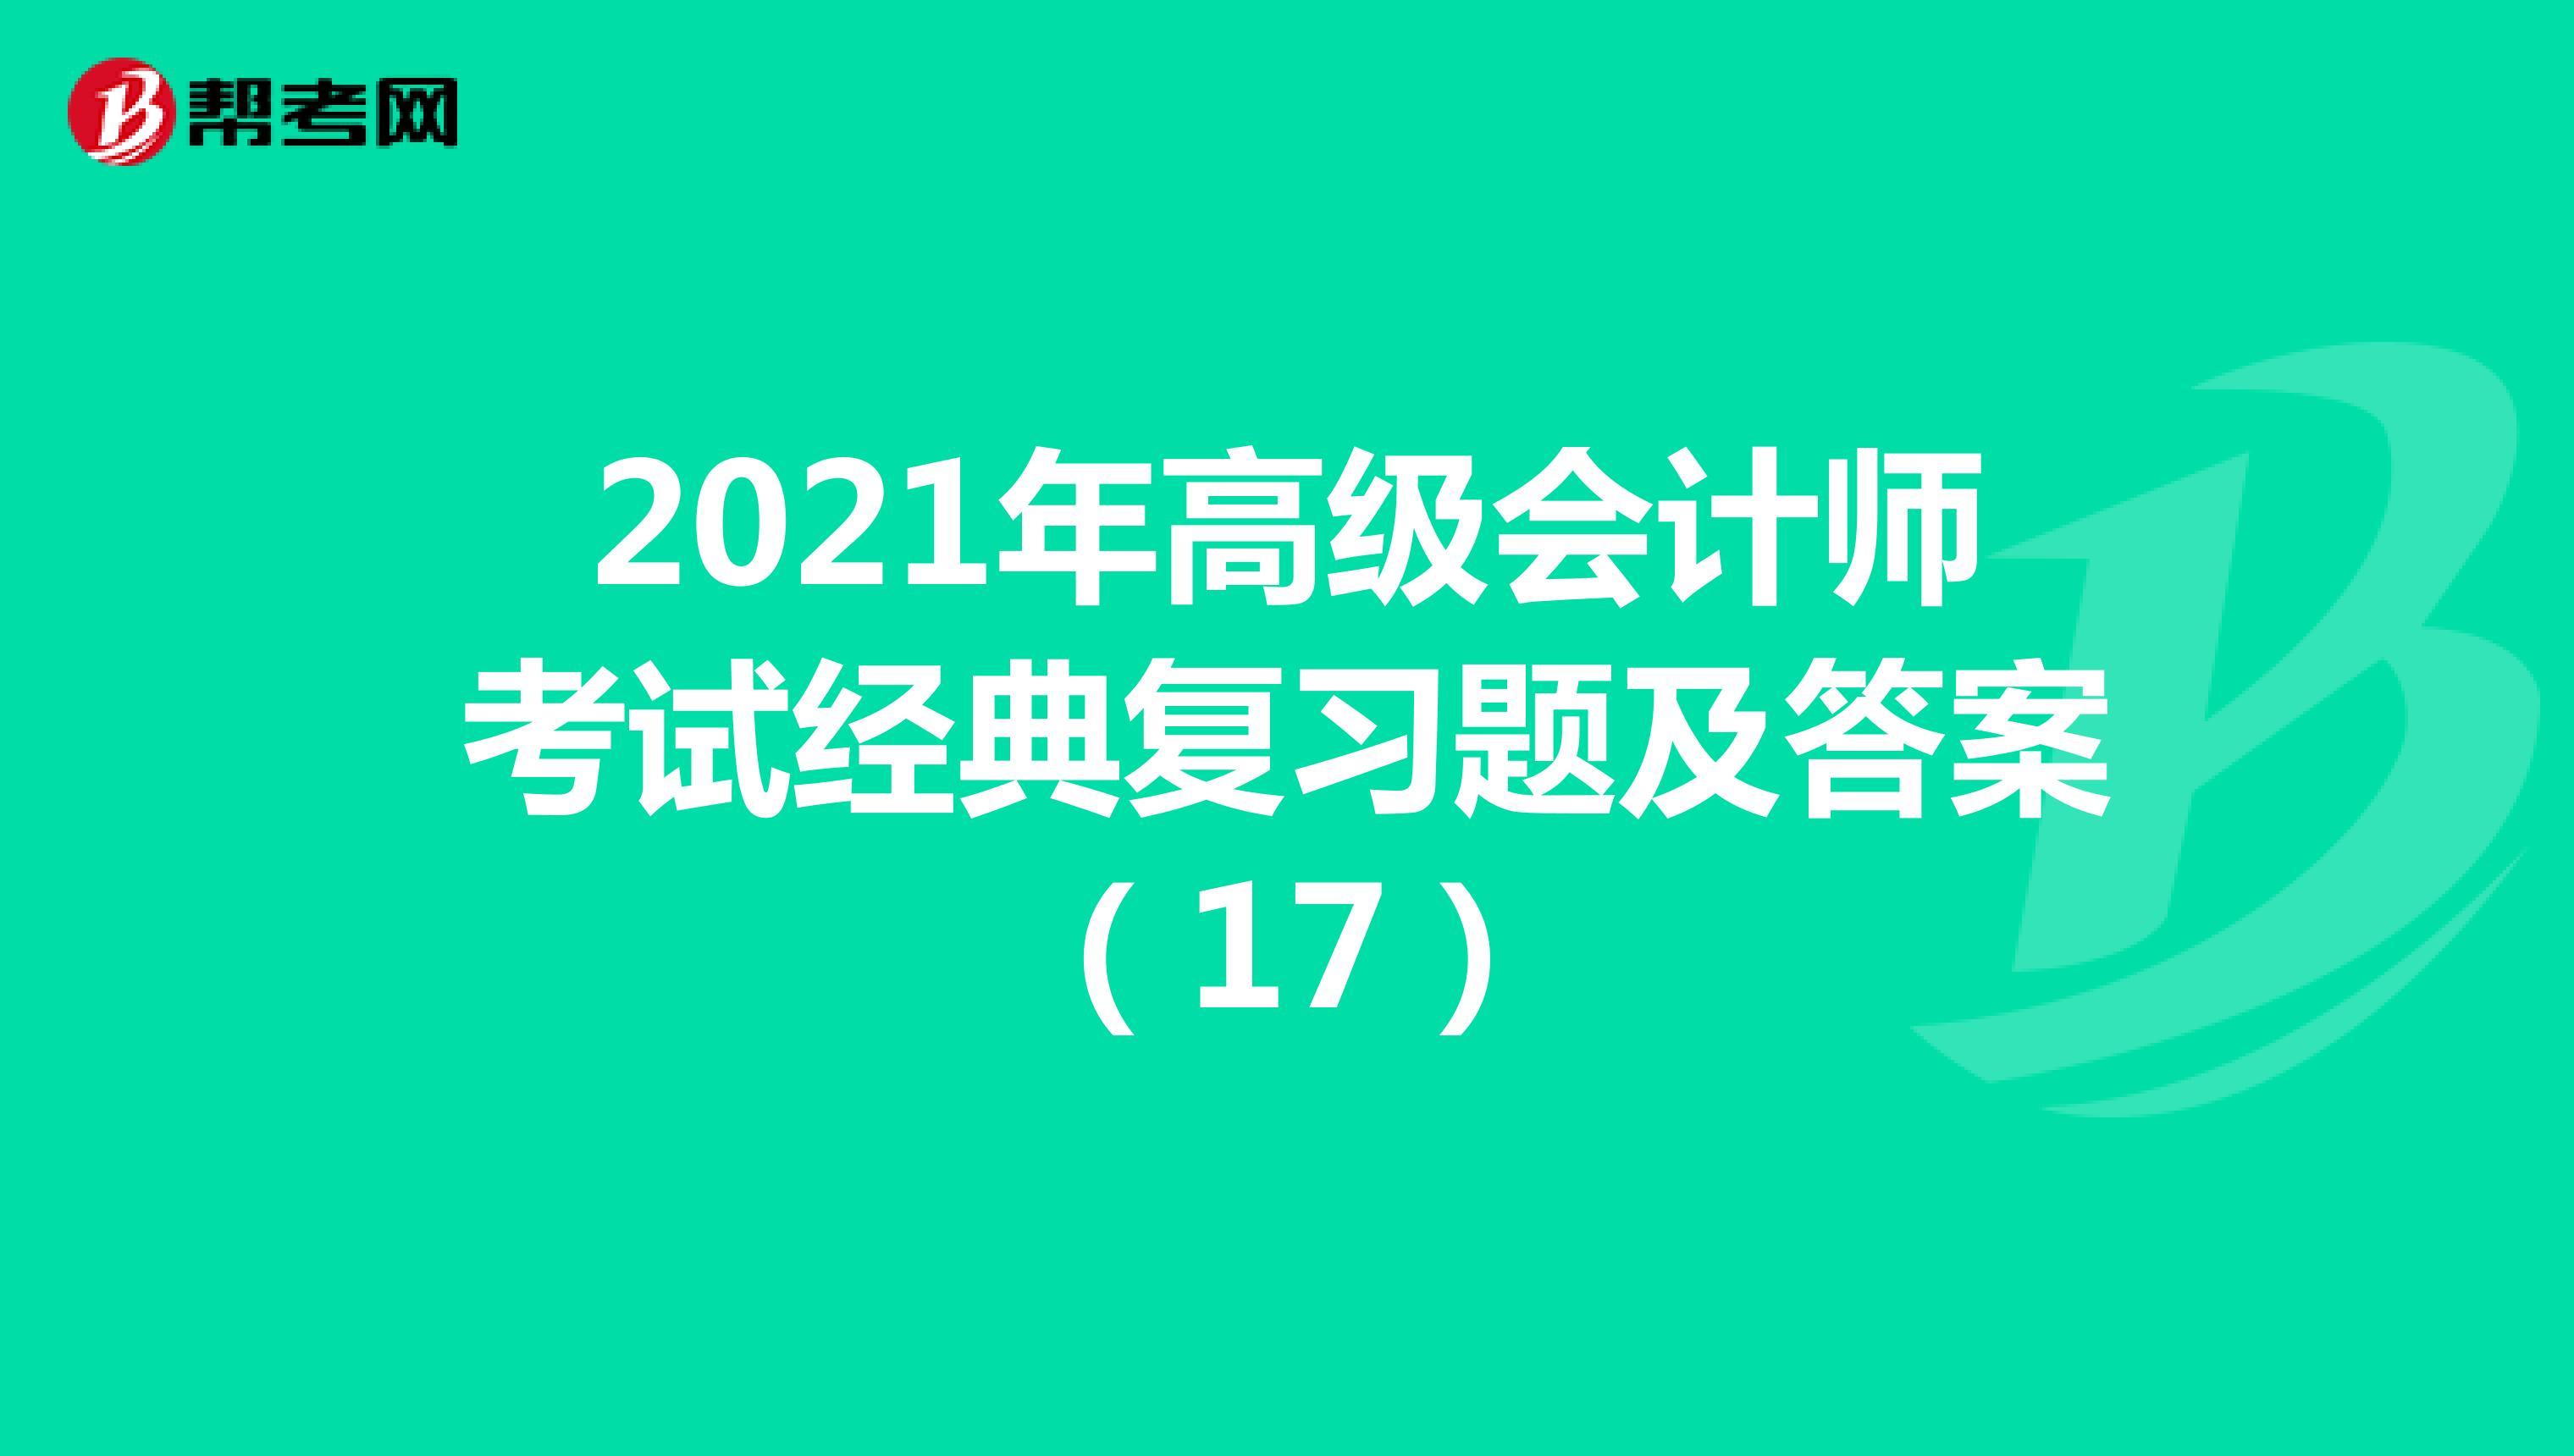 2021年高级会计师考试经典复习题及答案(17)